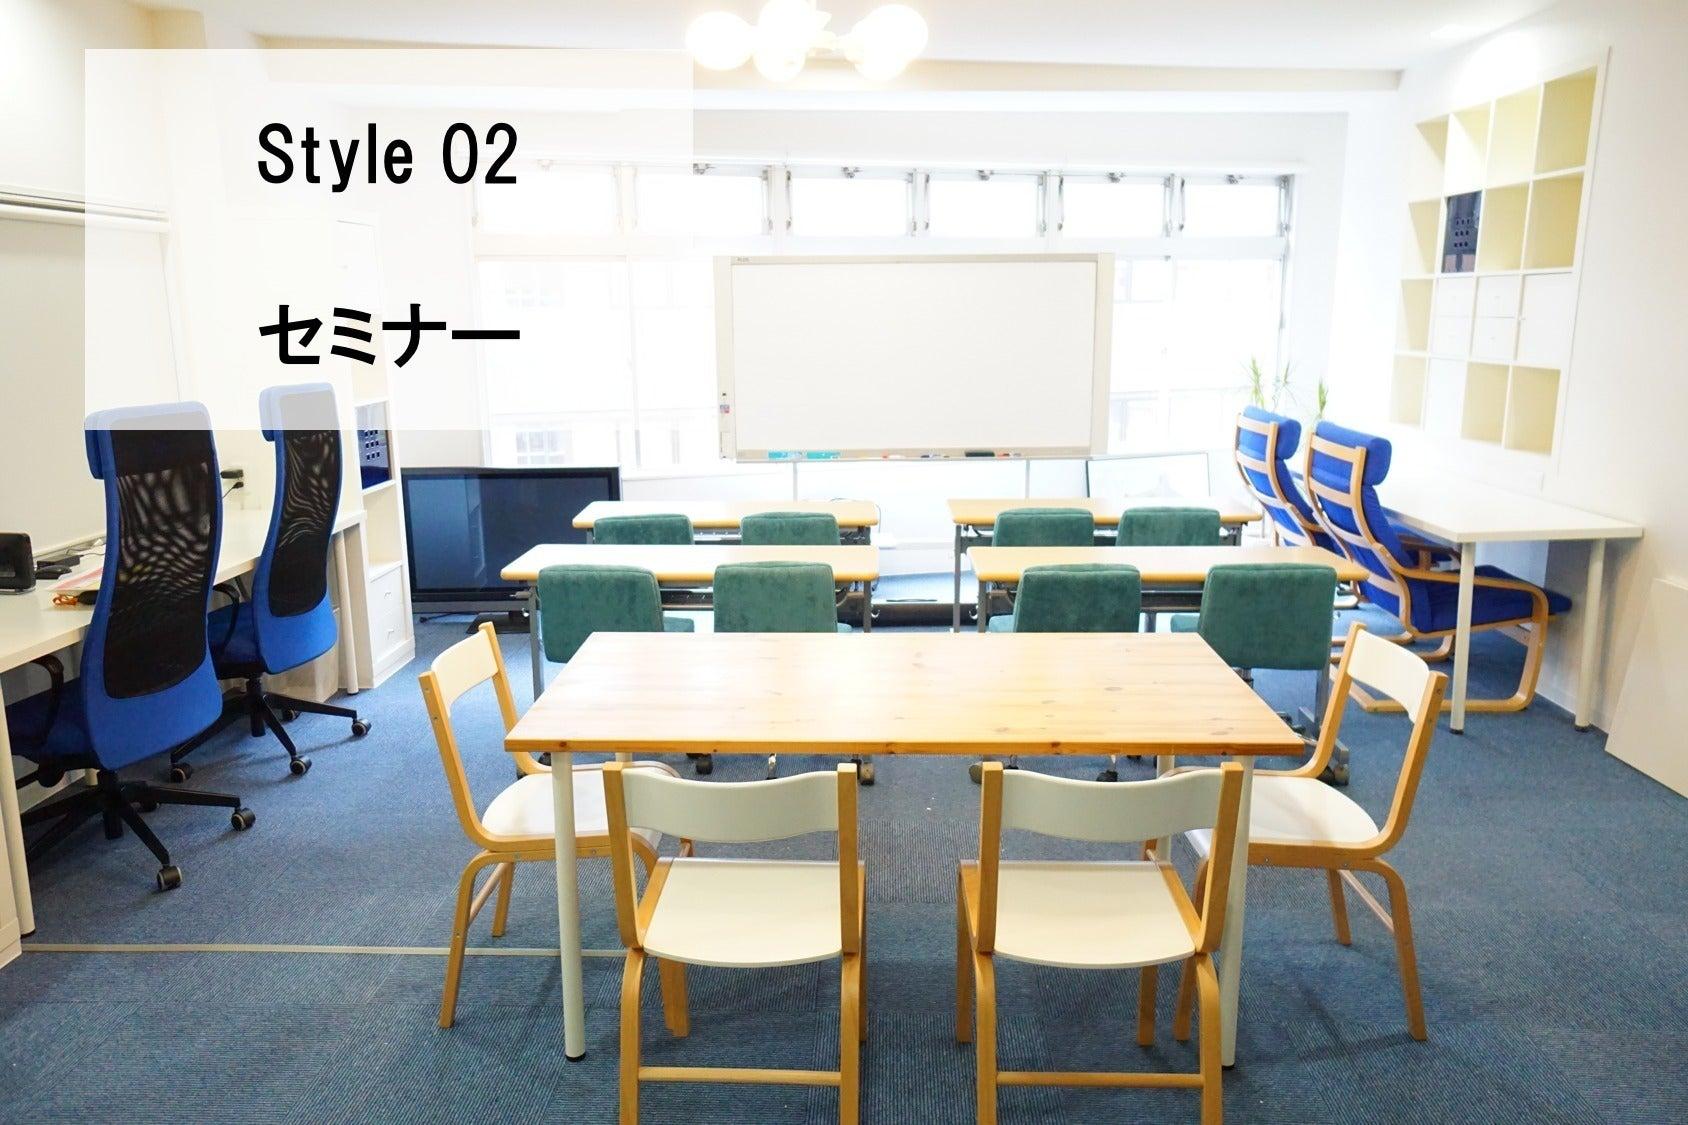 <大禅会議室>OPEN SALE☆ゆったり26名収容!明るい室内♪wifi/ホワイトボード/プロジェクタ無料 のサムネイル